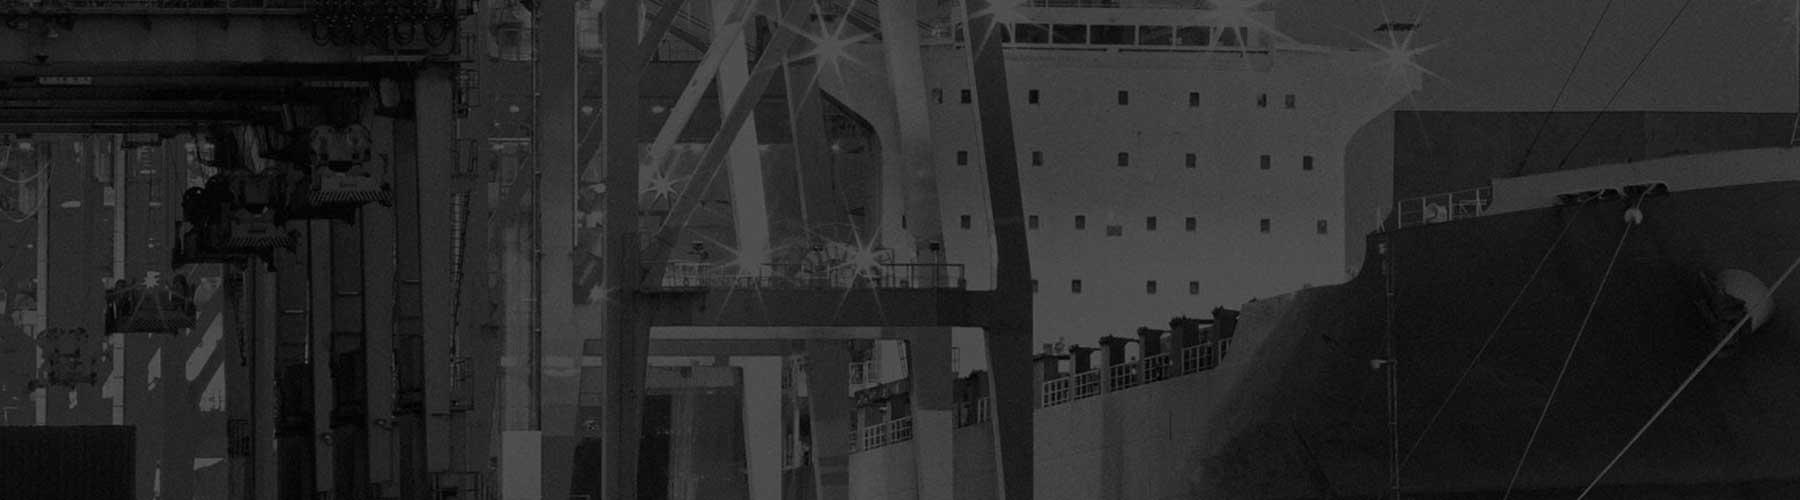 INTTRA Ocean Trade Platform